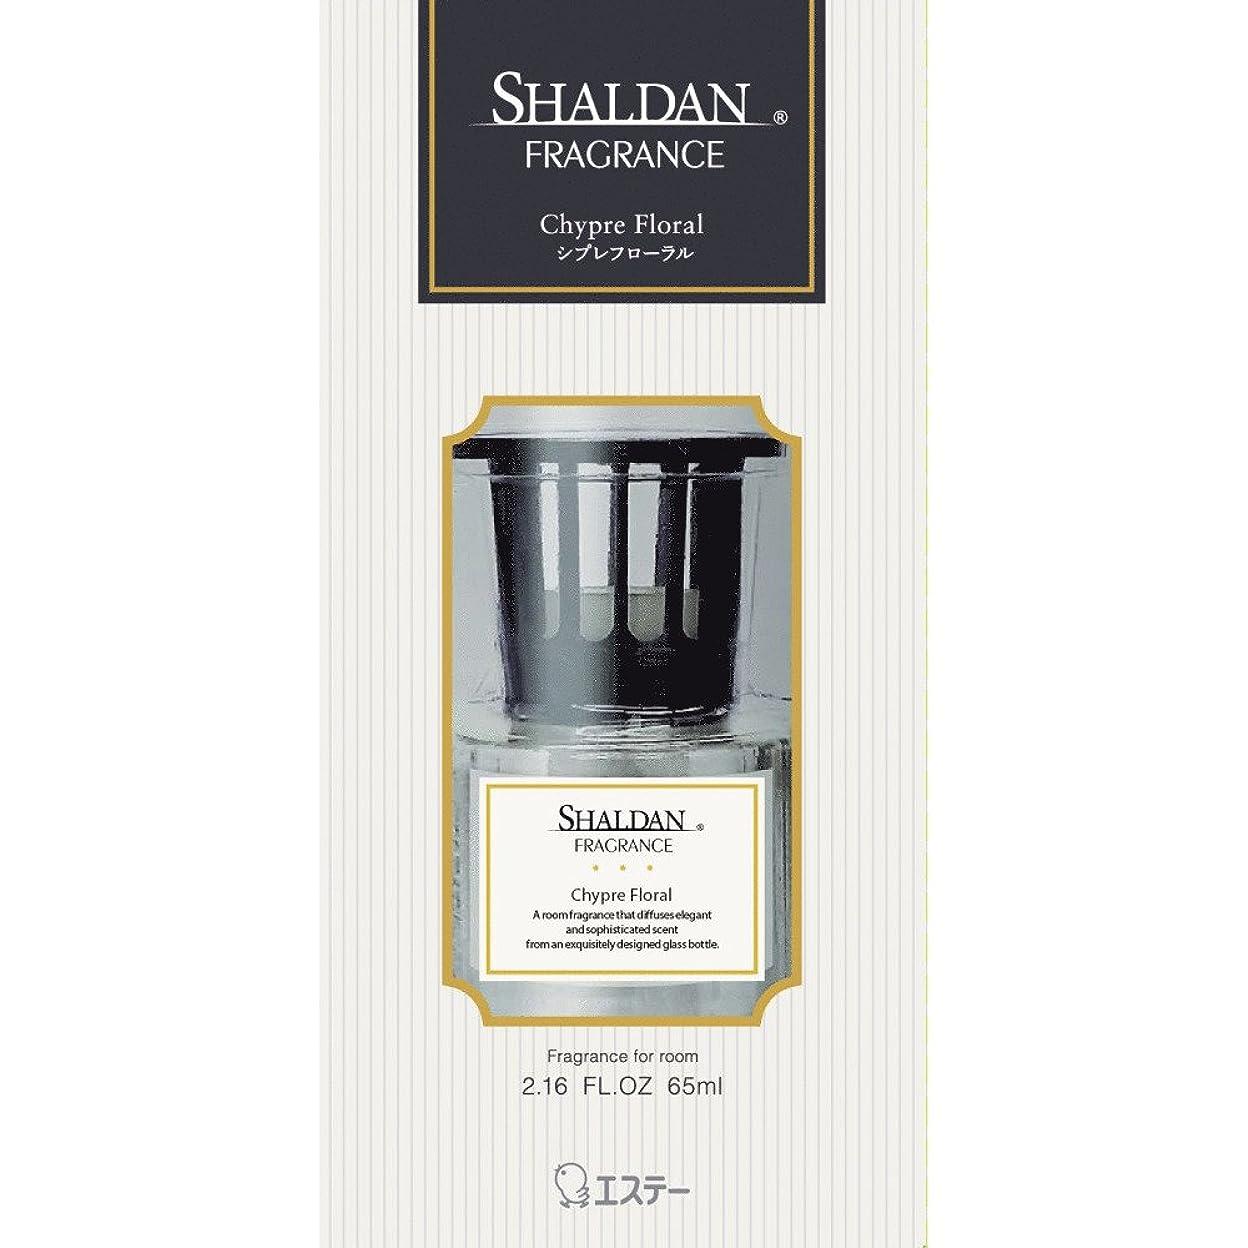 悪化する作詞家側シャルダン SHALDAN フレグランス 消臭芳香剤 部屋用 本体 シプレフローラル 65ml